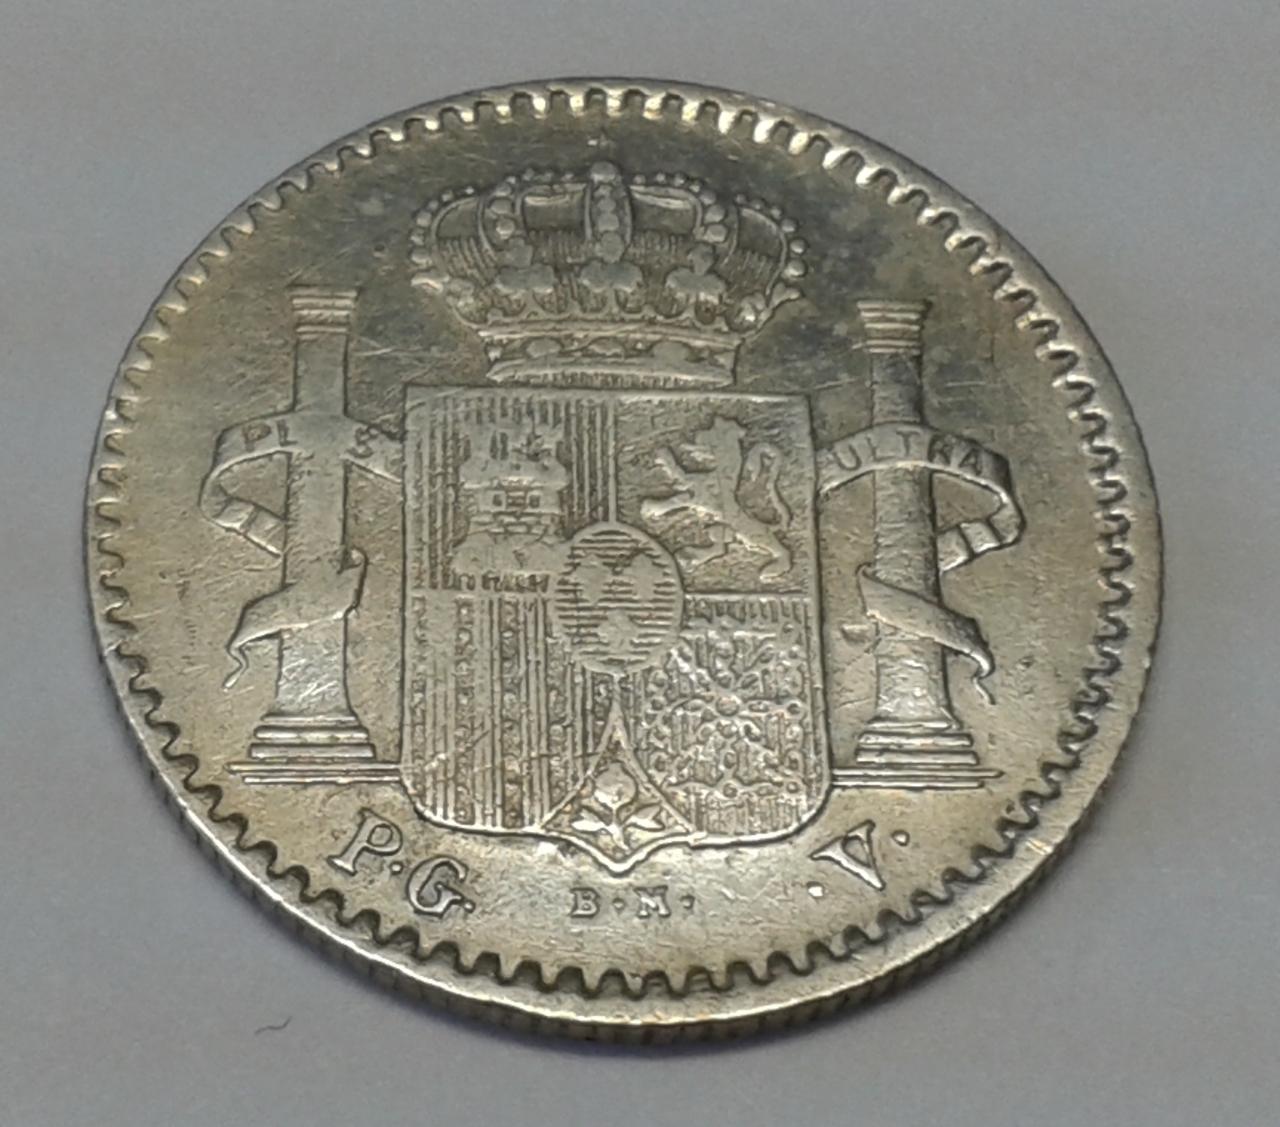 5 Centavos 1896 Puerto Rico - Alfonso XIII 20141025_142615